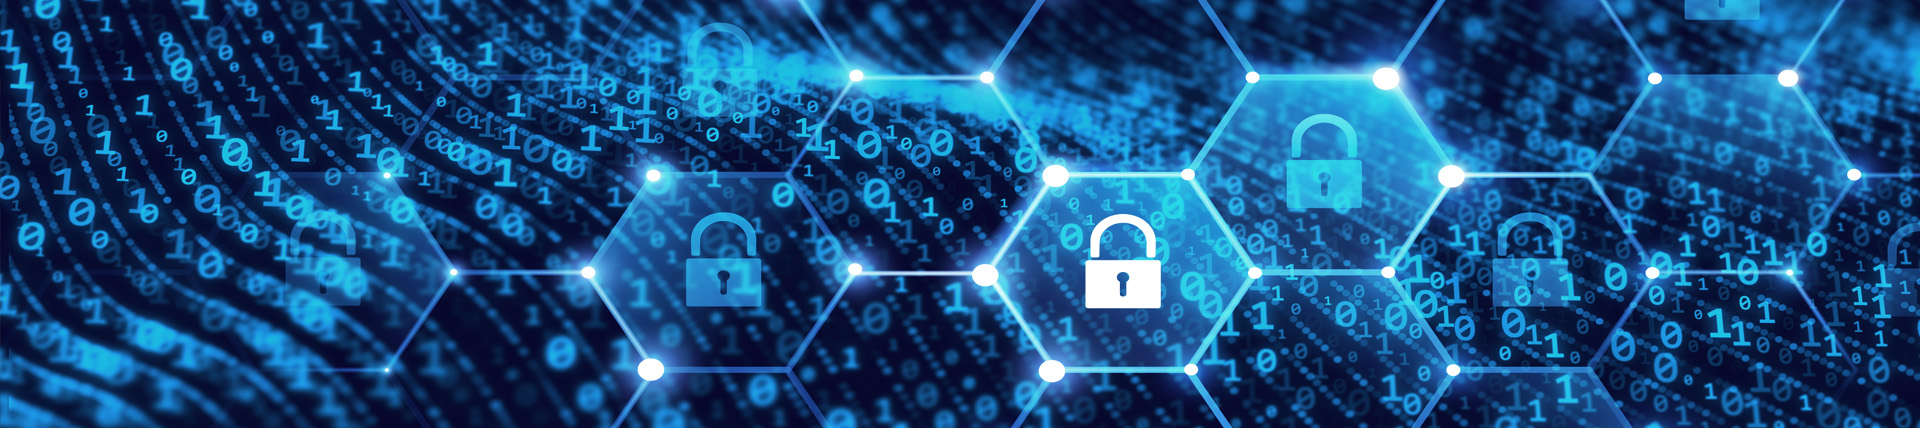 链接知产与区块链——爱思实验室与易名达成战略合作